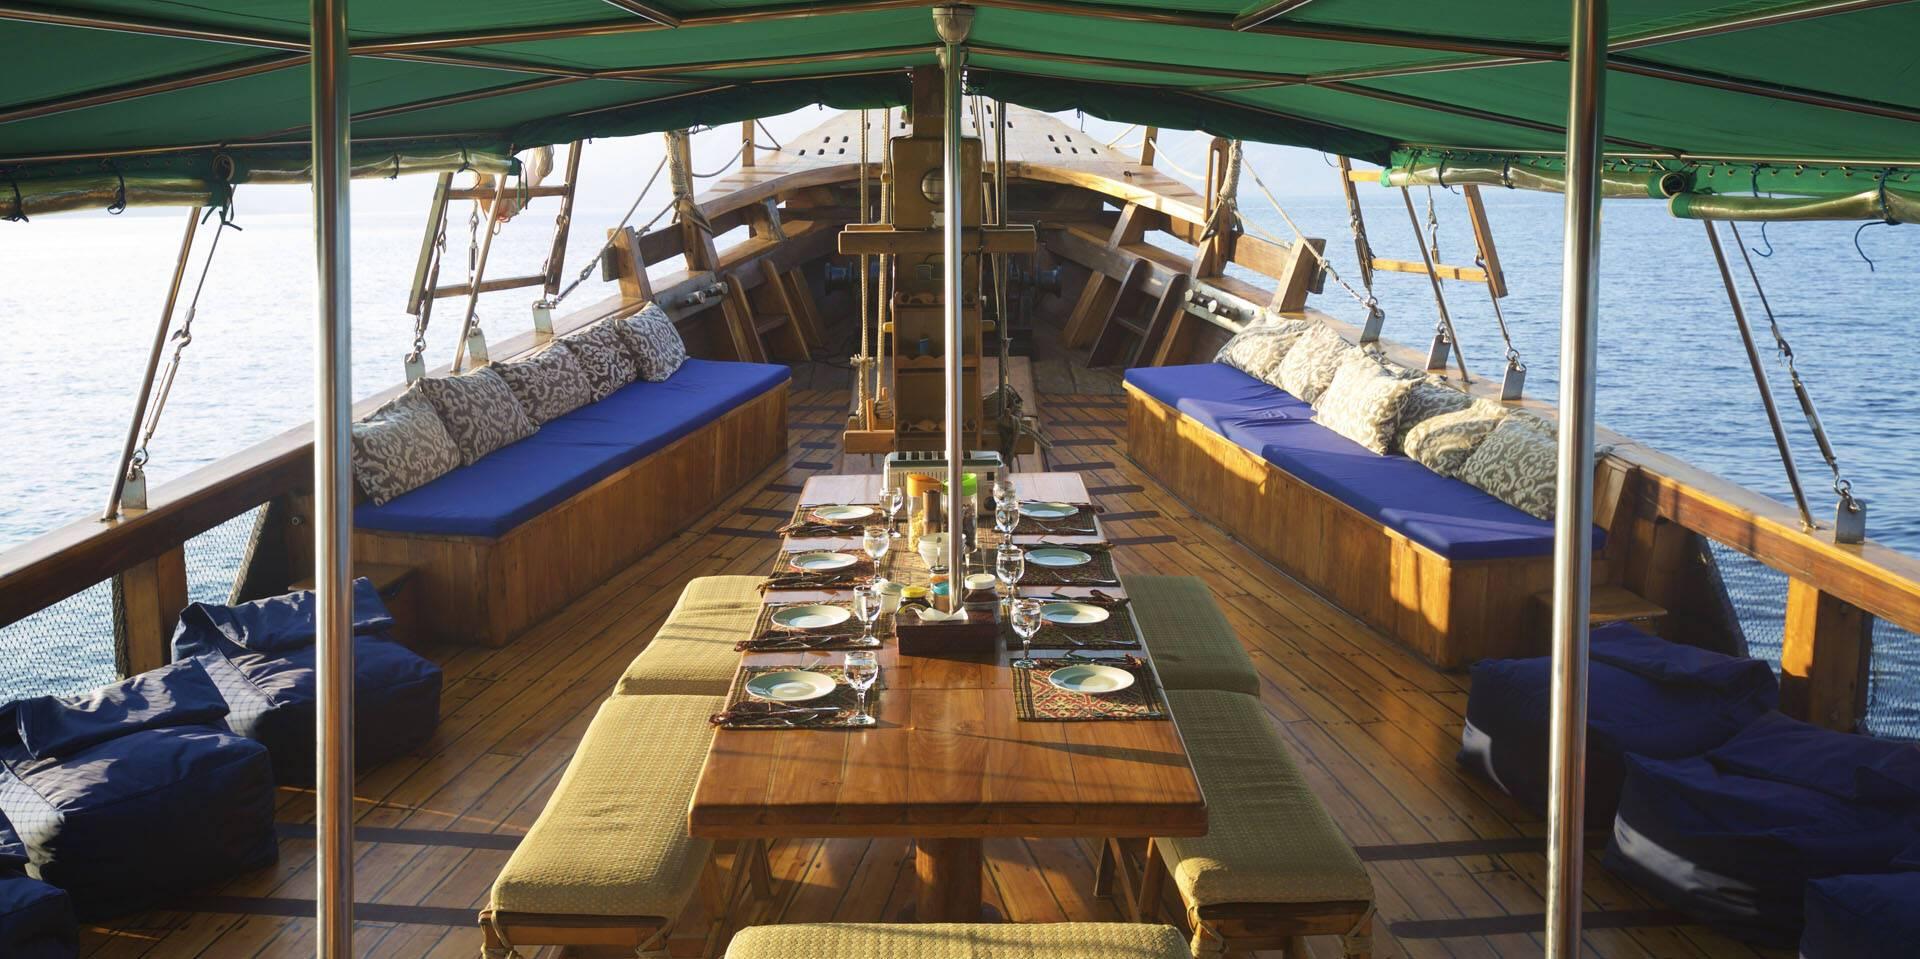 Tiger Blue Komodo Indonesie Deck